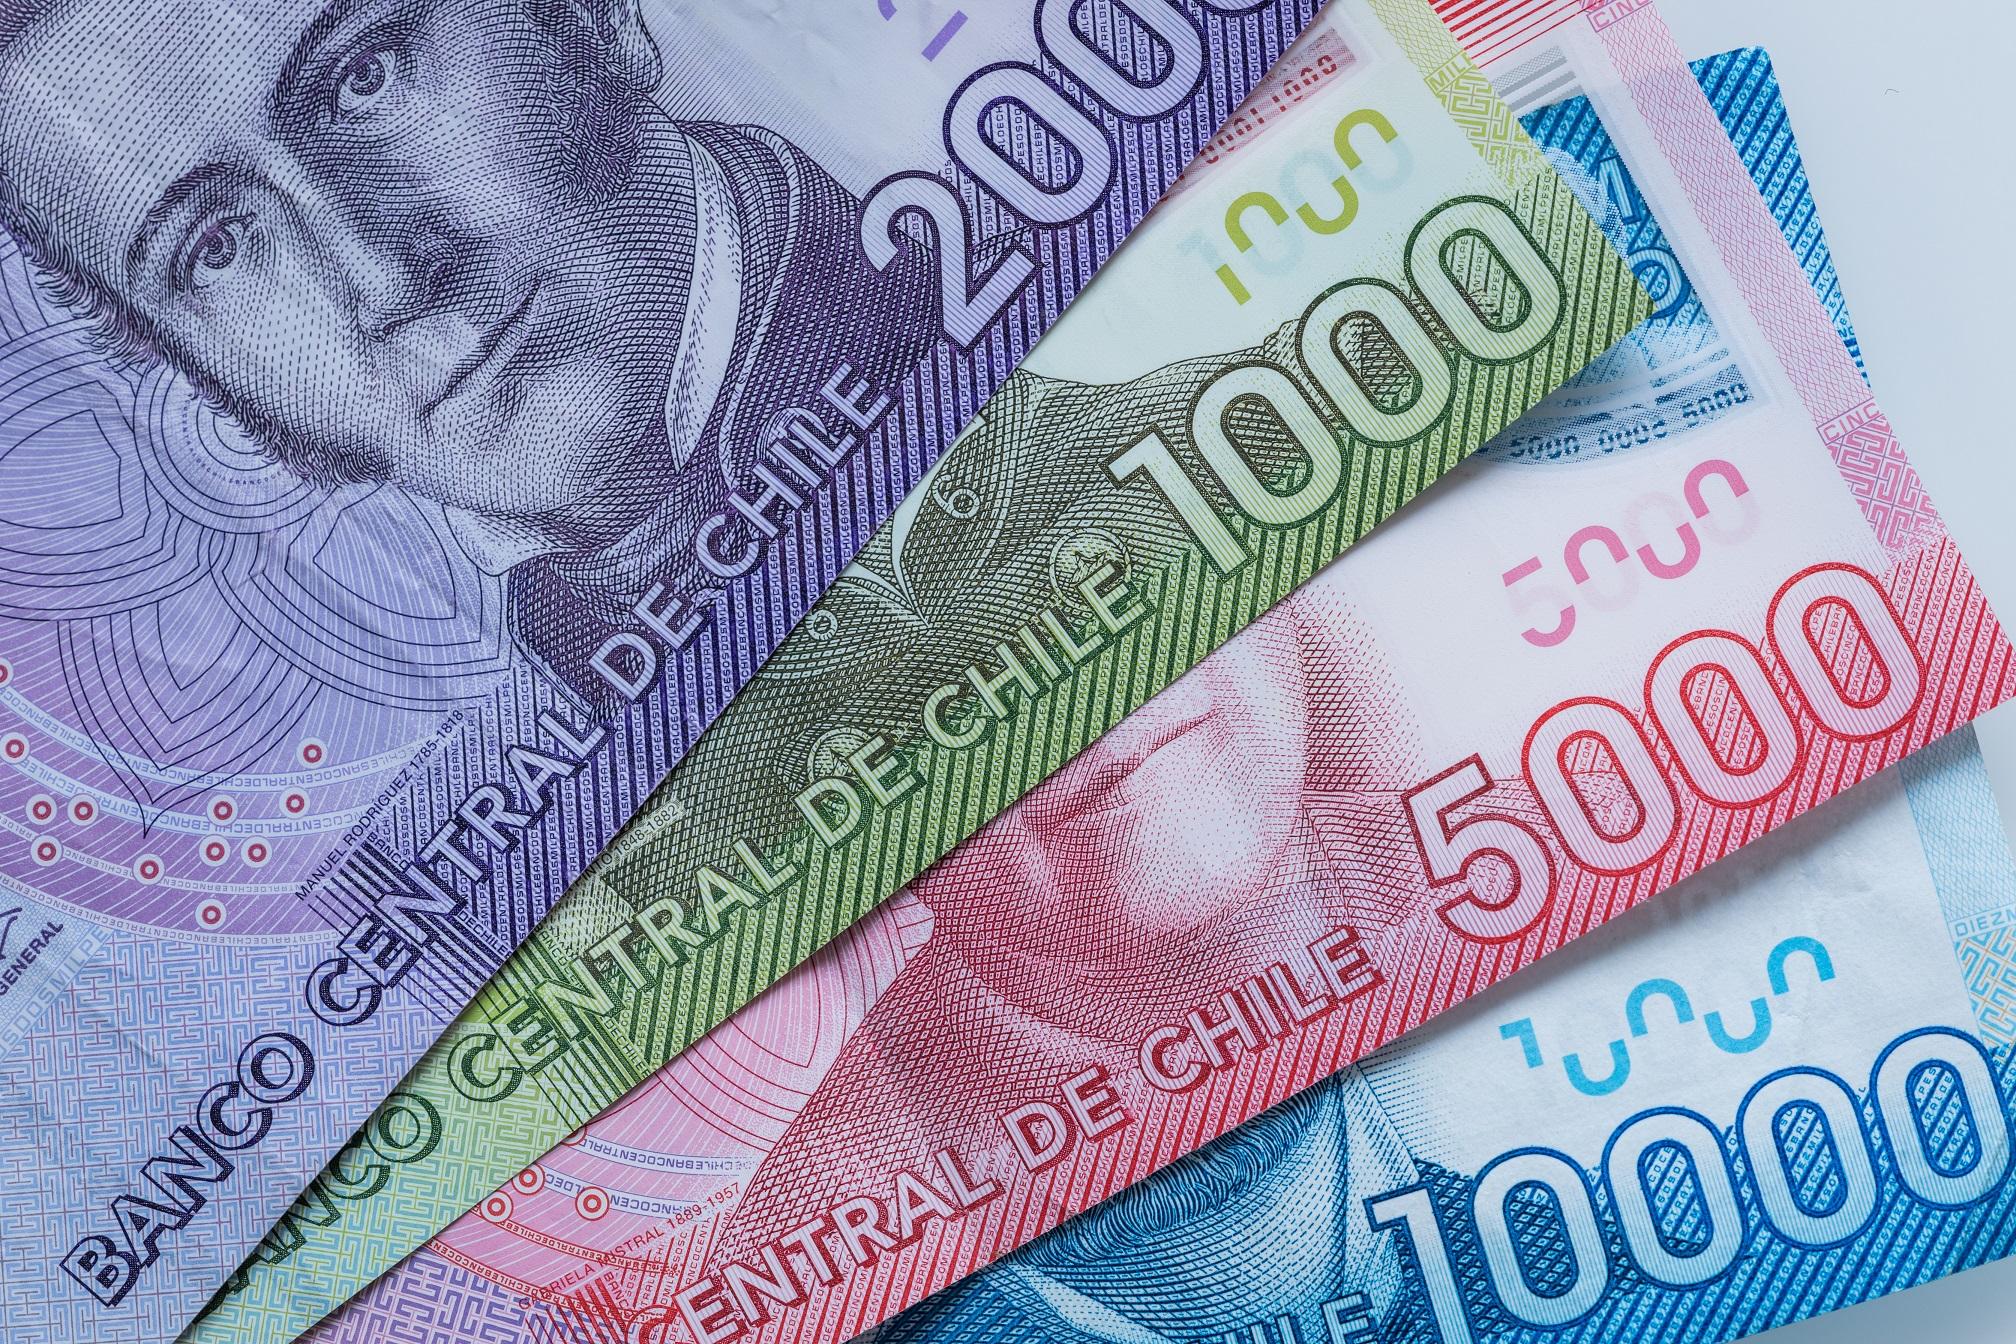 Senado APRUEBA Segundo Retiro AFP del 10% del Gobierno, ¿Quiénes serán beneficiados?